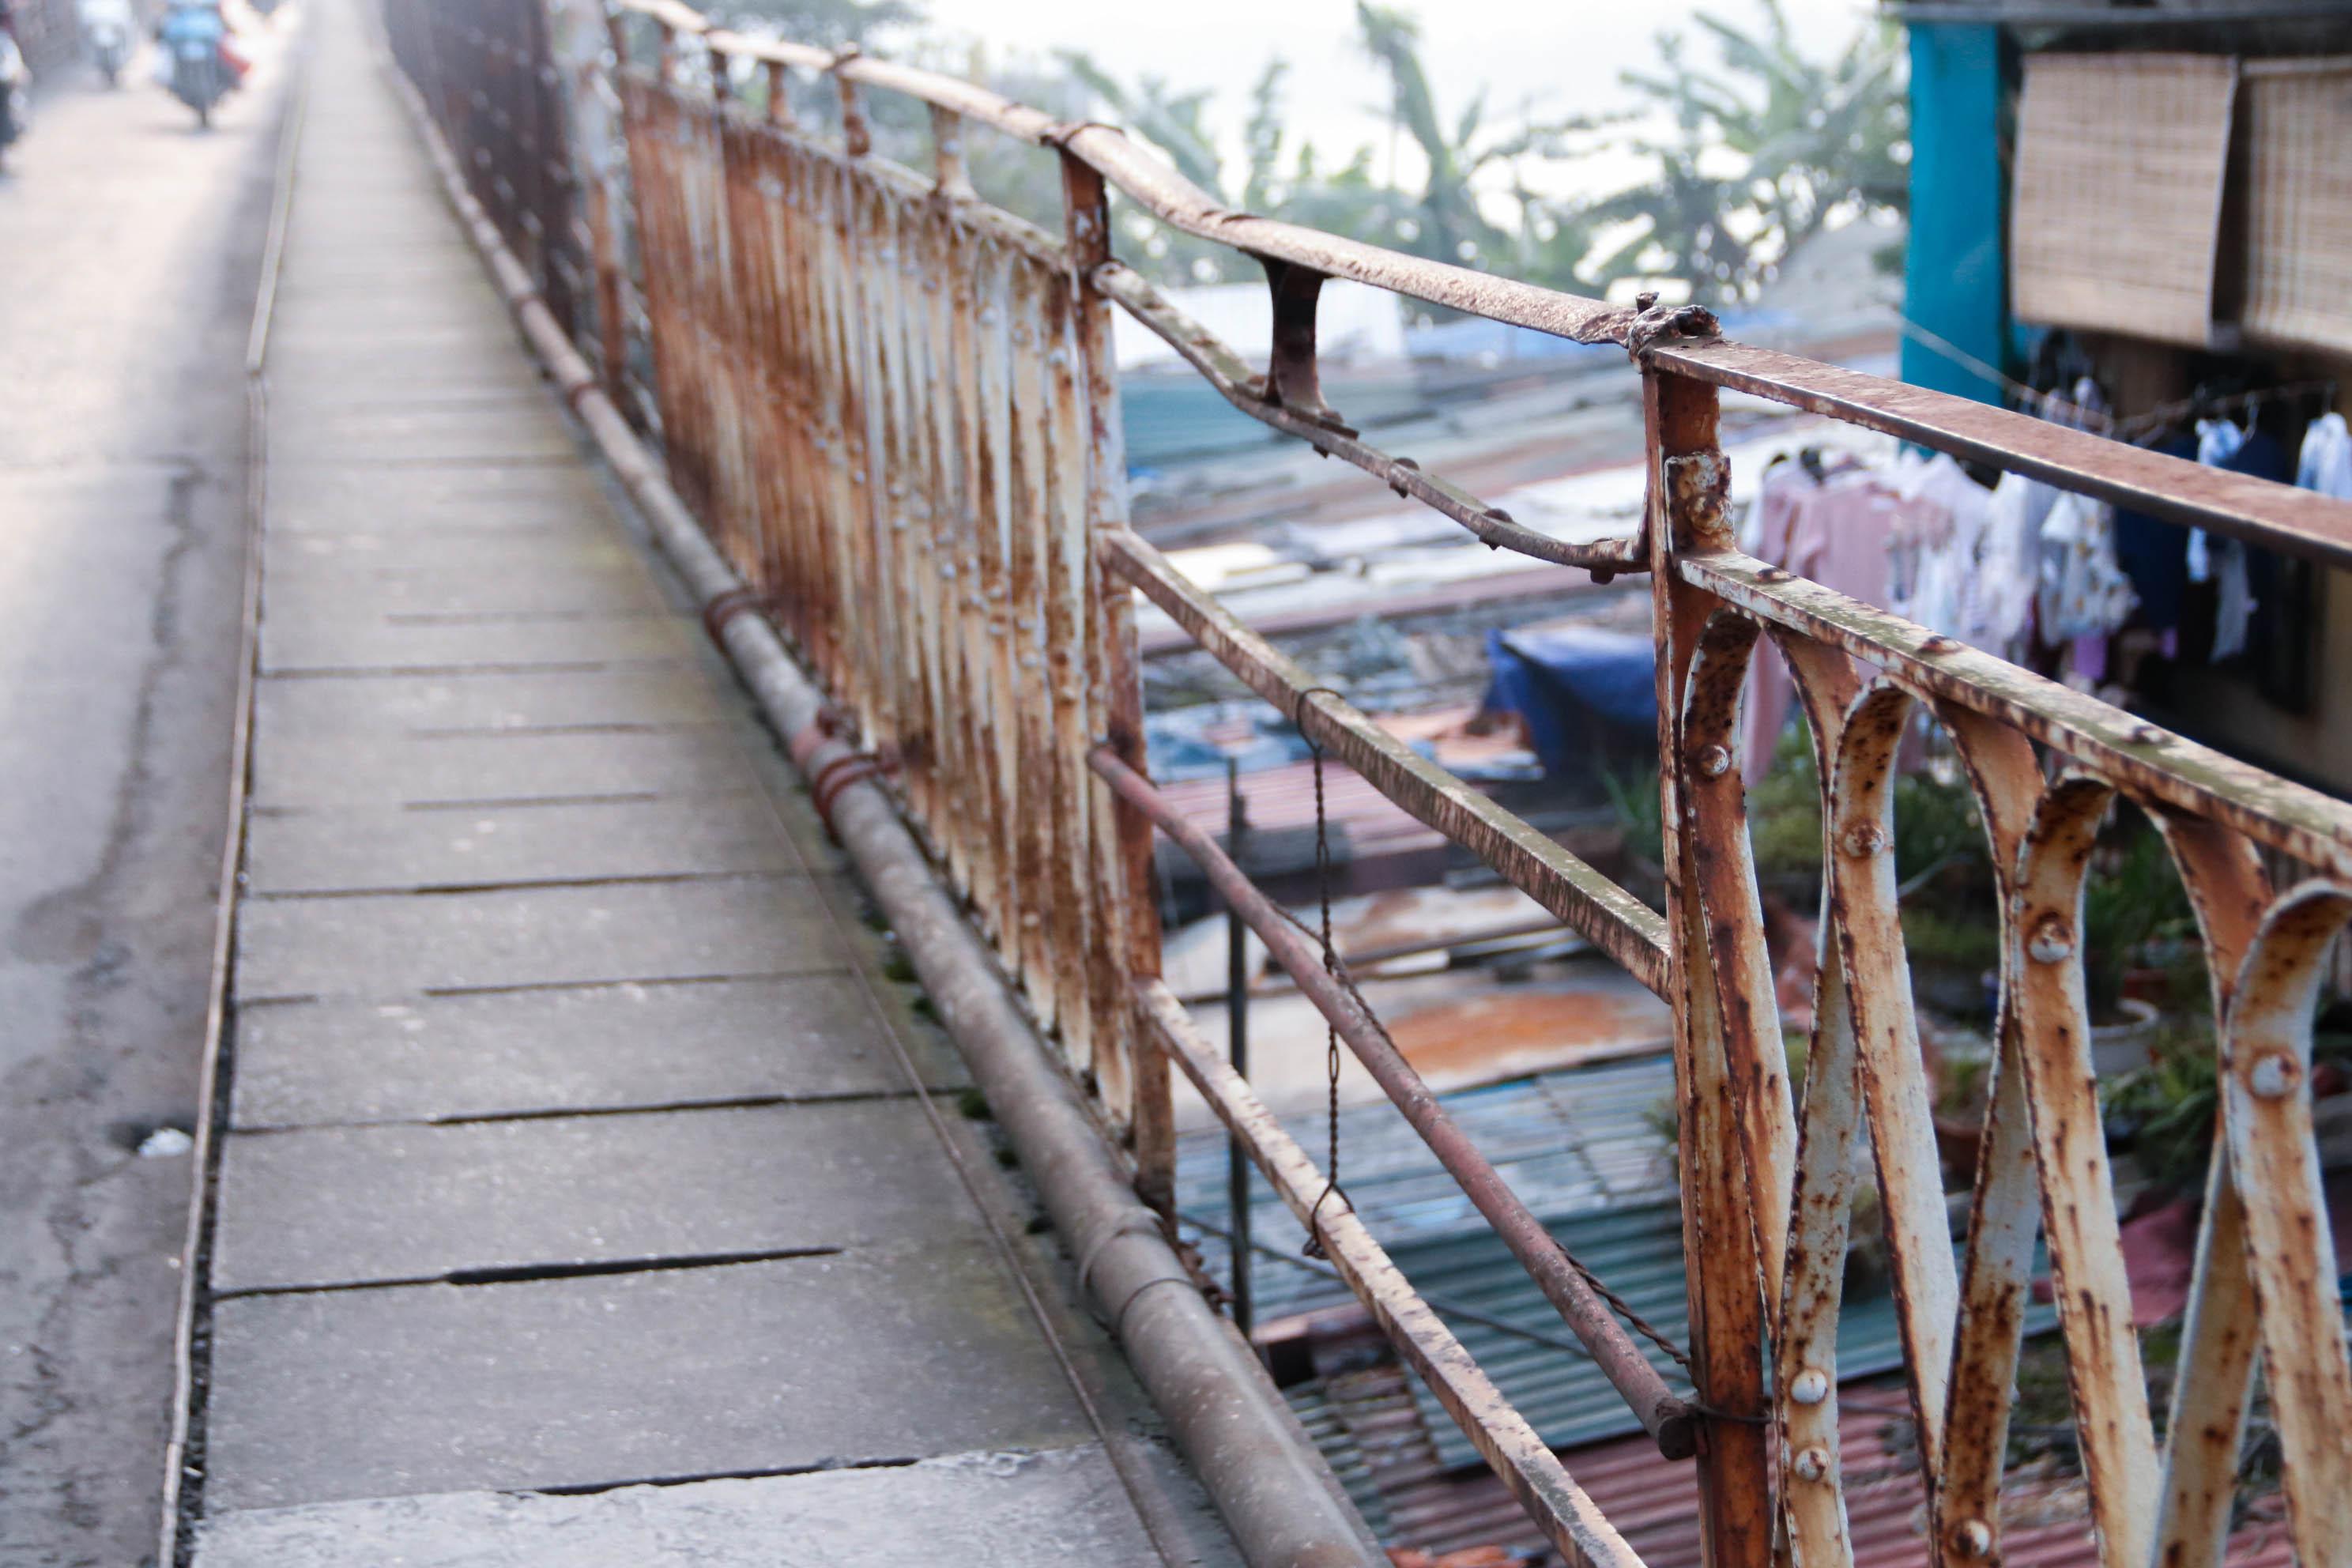 Cầu Long Biên xuống cấp đến không ngờ, mặt đường bị cày xới khiến người dân đi lại gặp nhiều khó khăn - Ảnh 12.